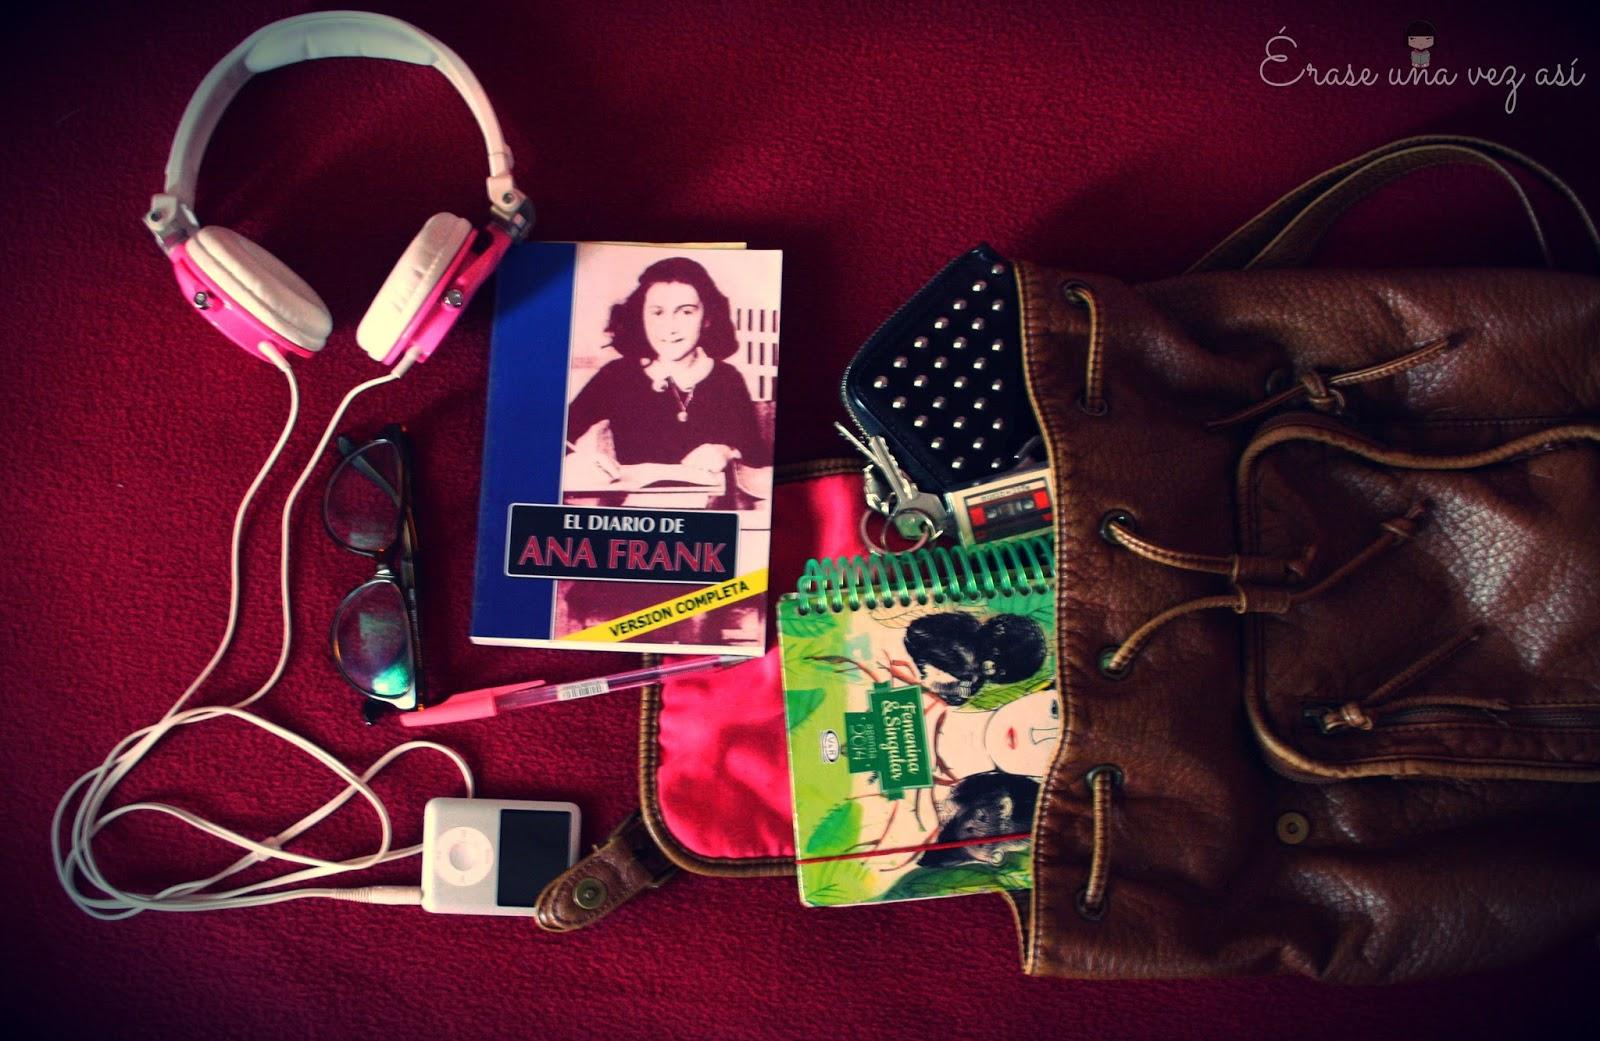 Accesorios de un lector, regalos para un lector, hipster book, mochila vintage, libro de ana frank, outfits de un lector